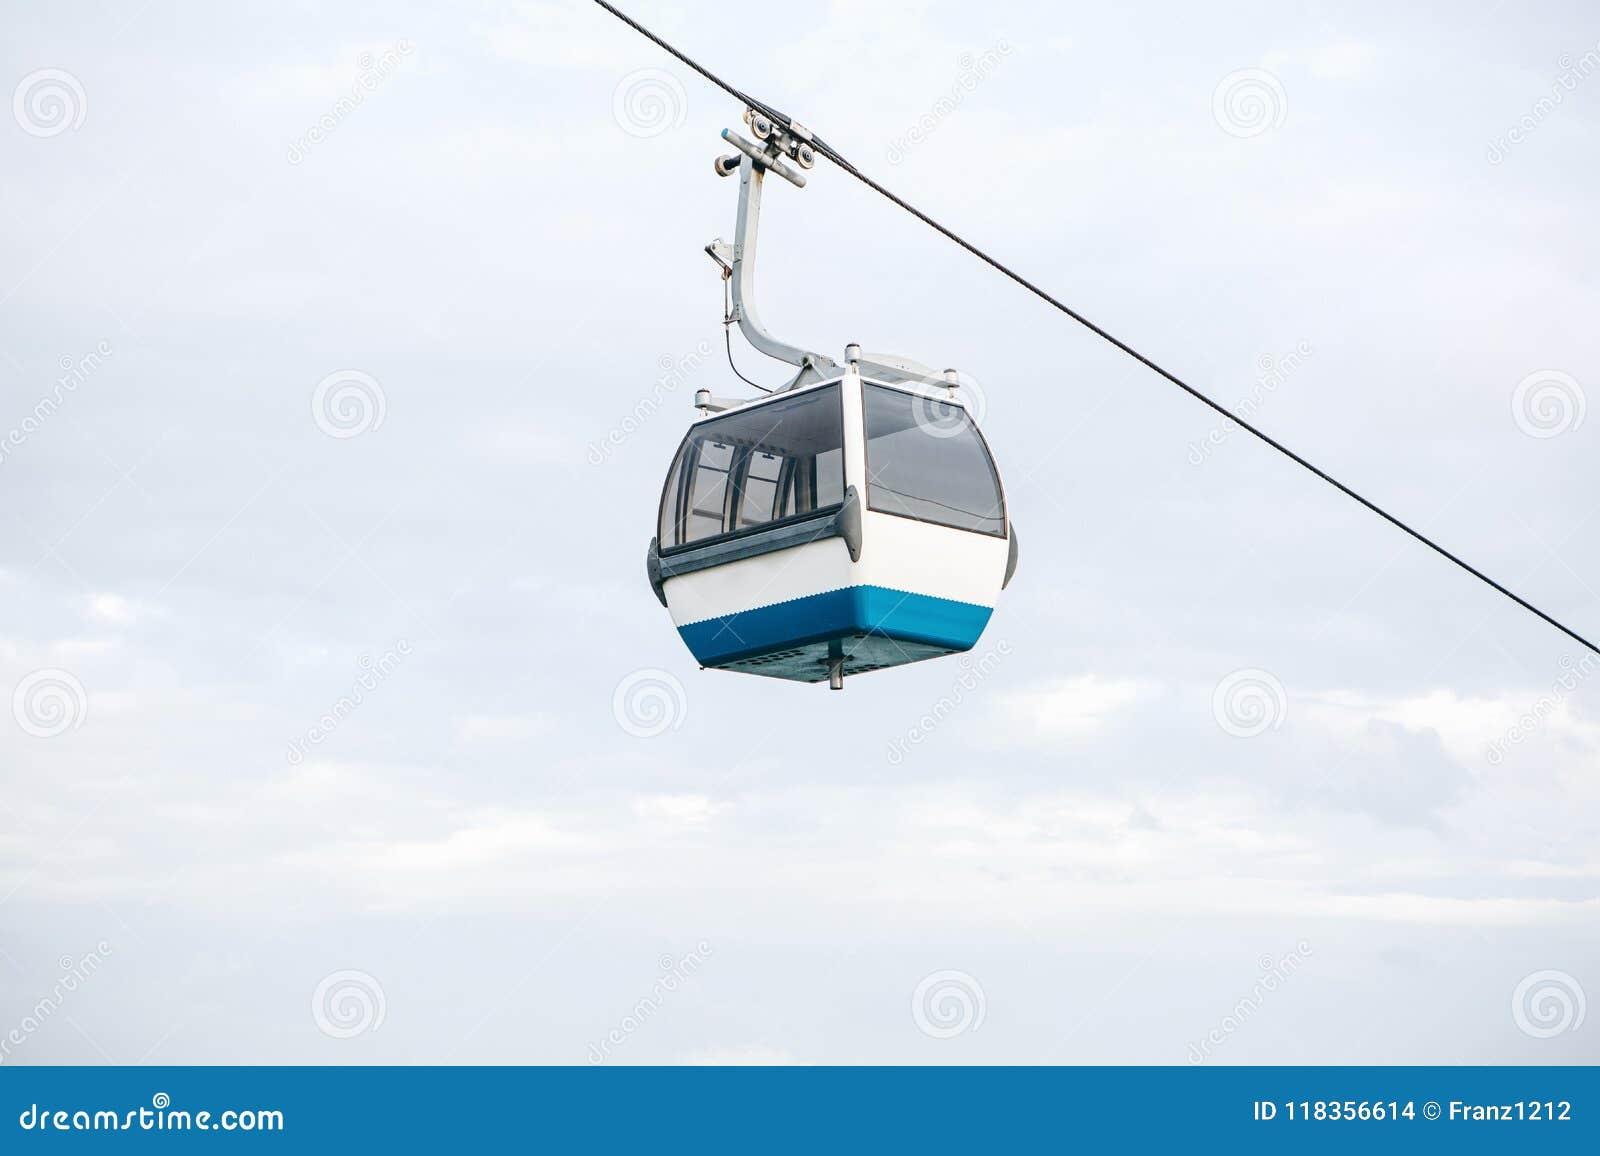 Kabelbaan of ropeway en openbaar vervoer door golf of rivier of kanaal in Lissabon in Portugal